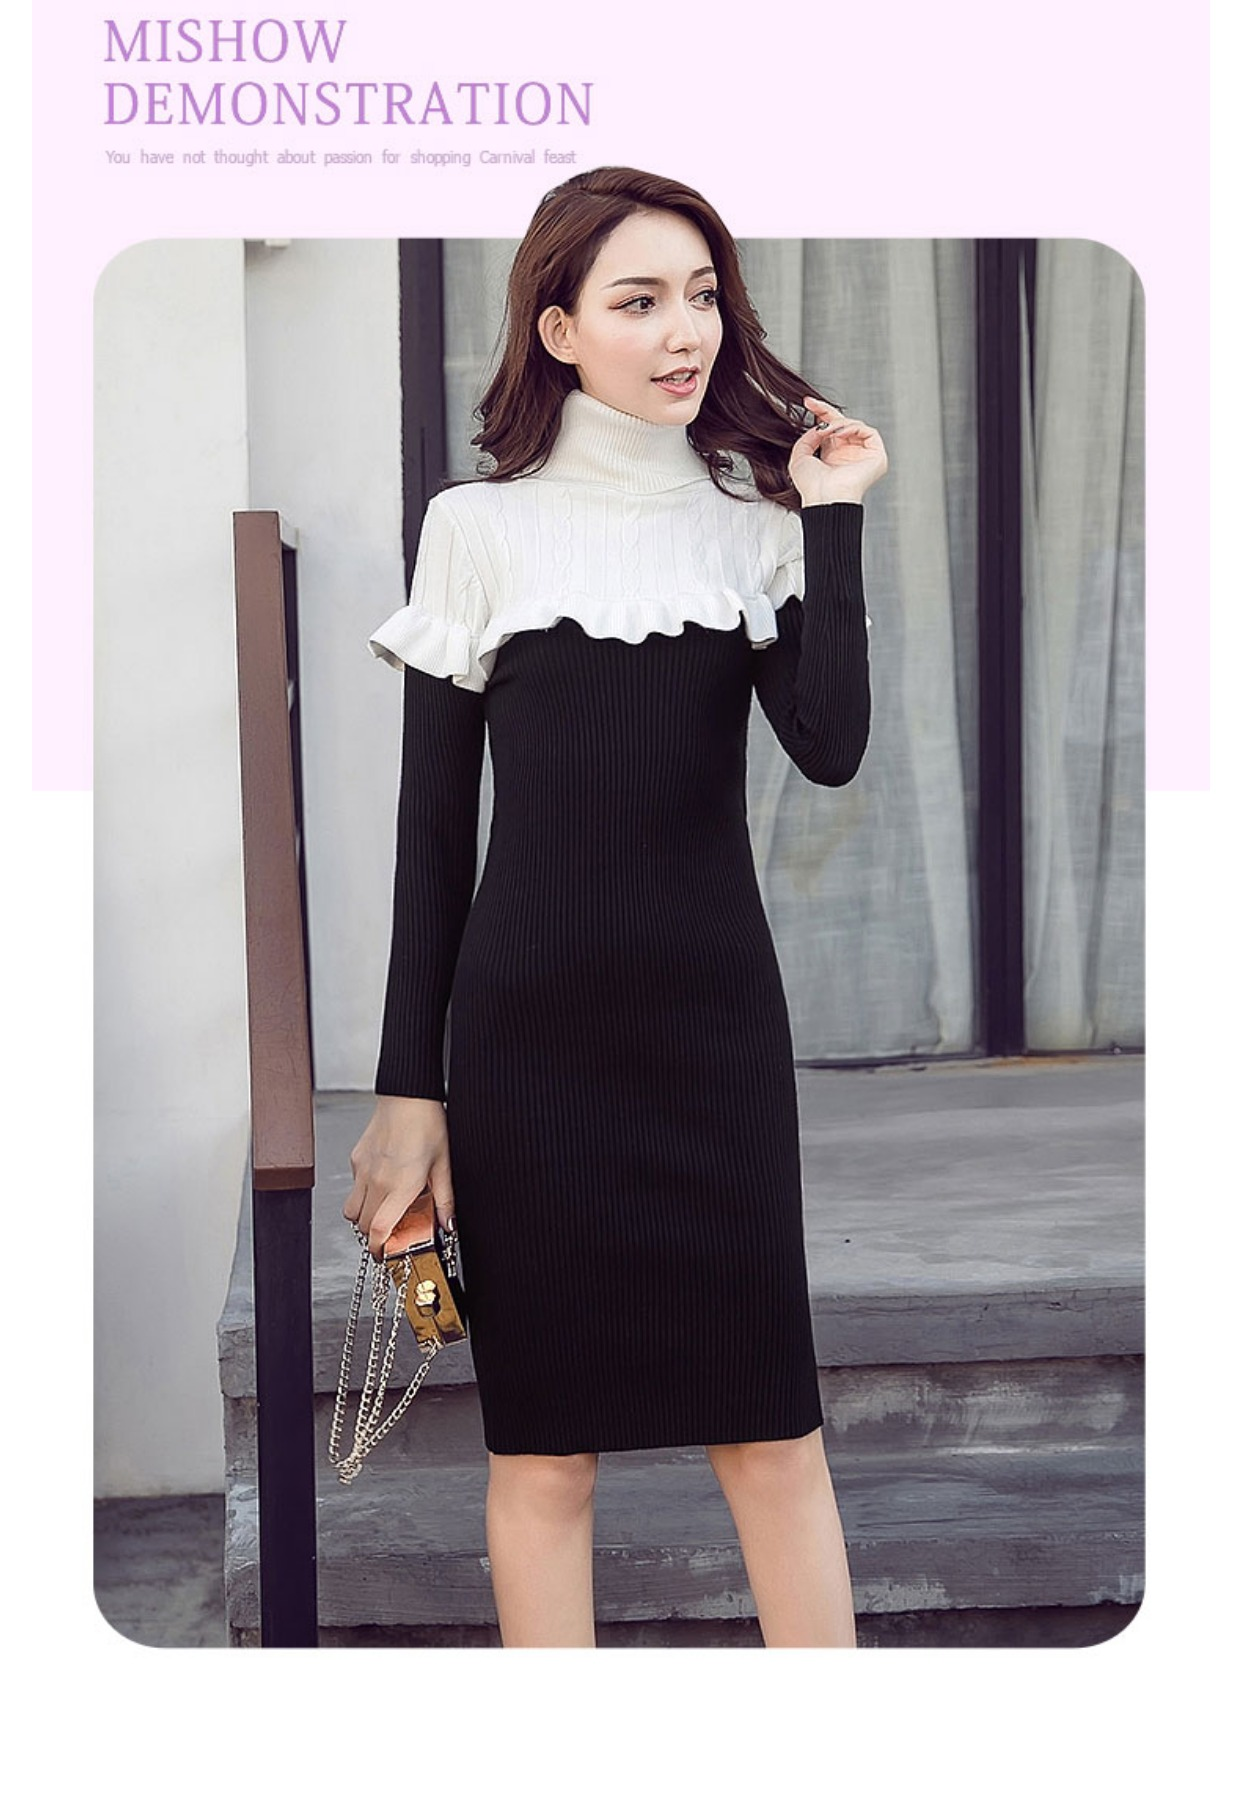 高仿圣罗兰ysl2018新款修身打底针织连衣裙高领QHU432 第19张